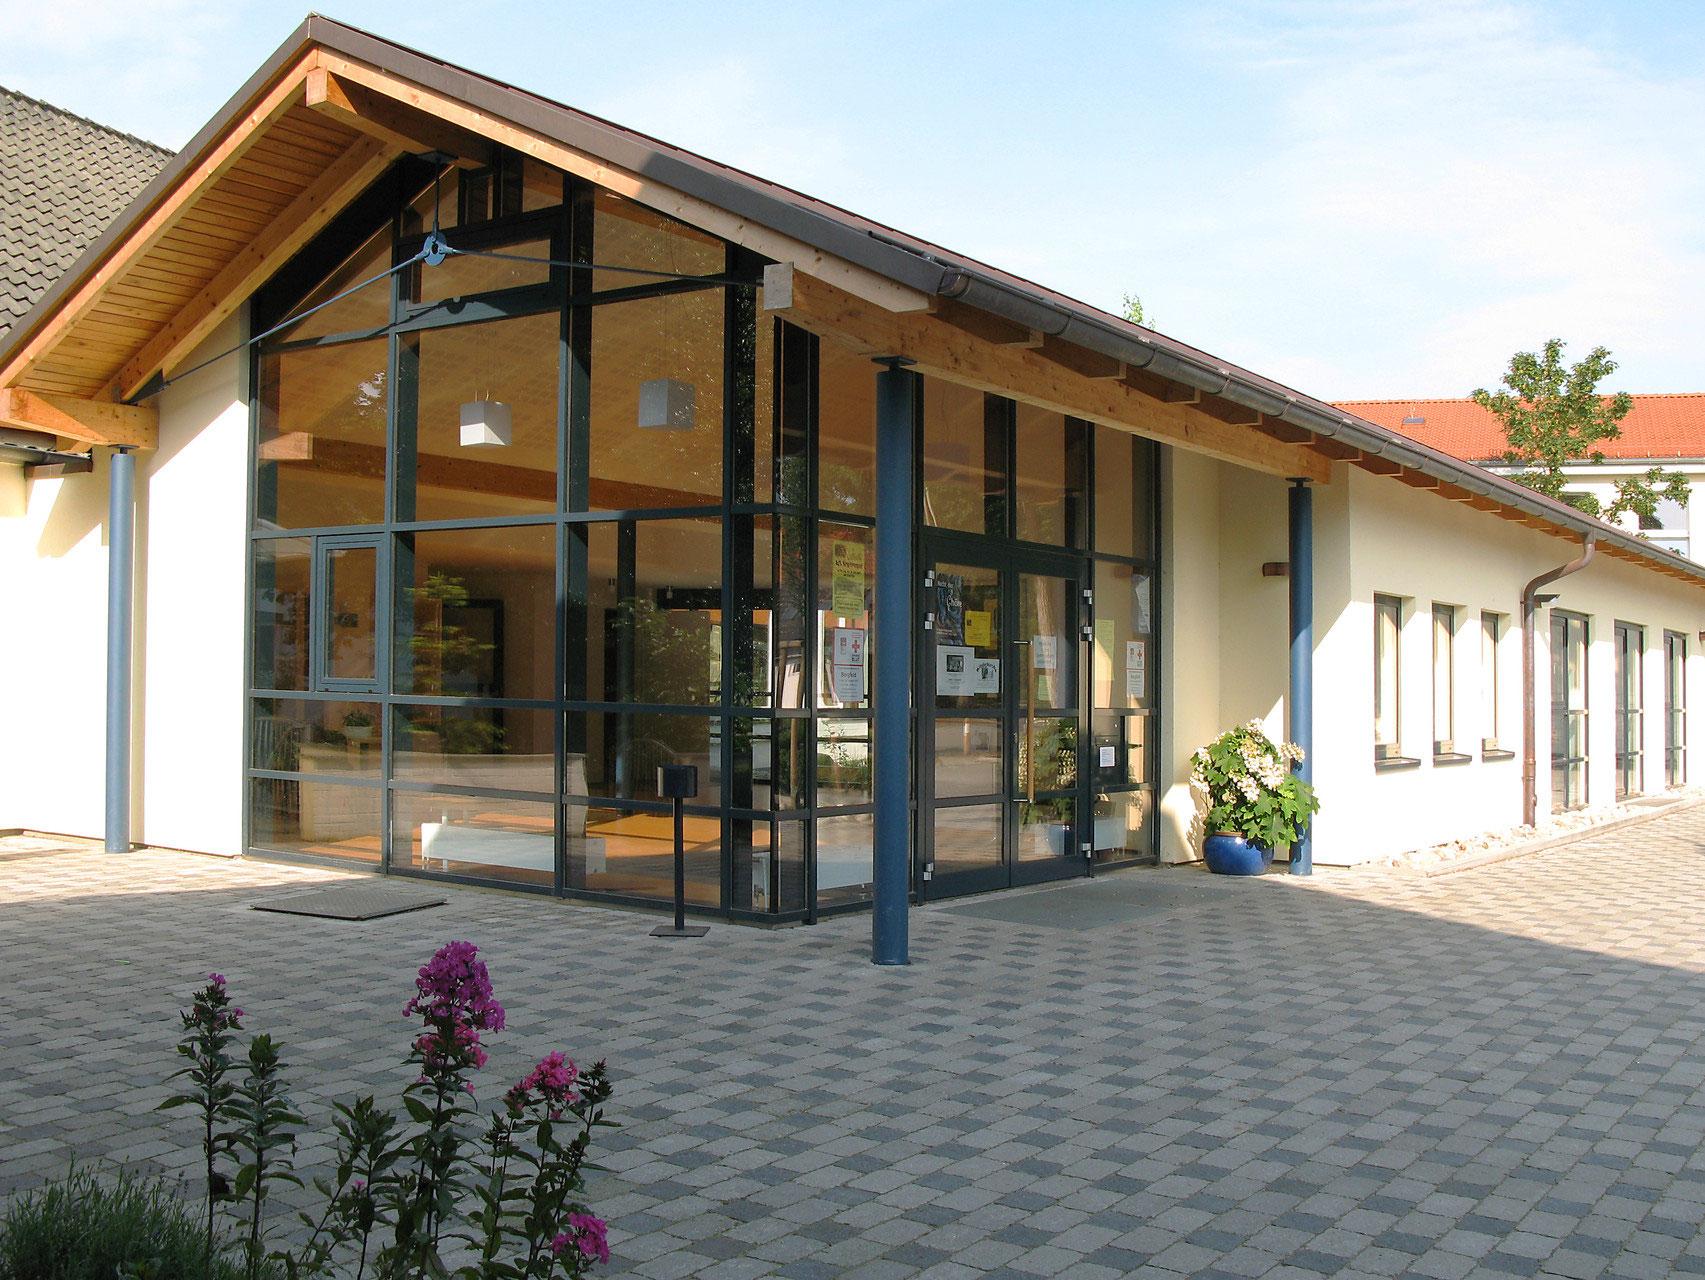 Evangelische gemeinde borgfeld nutzbaudesign architekten - Architekten bremen ...